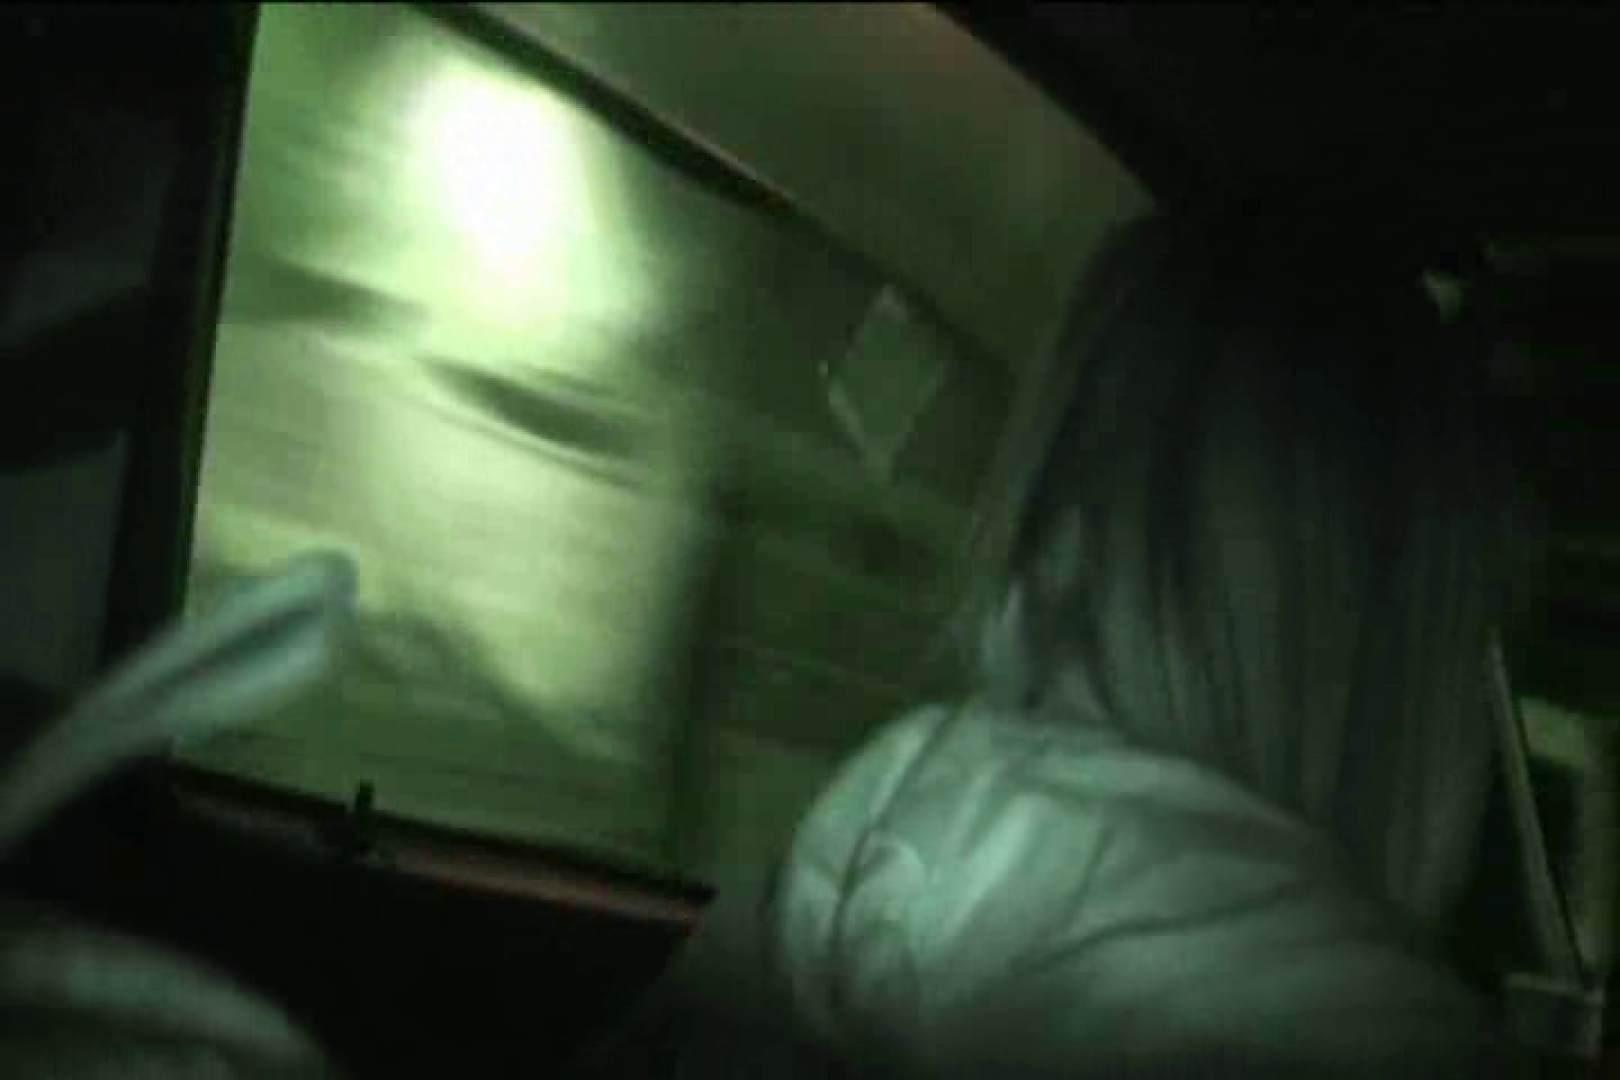 車内で初めまして! vol03 フェラ | 車  94枚 25